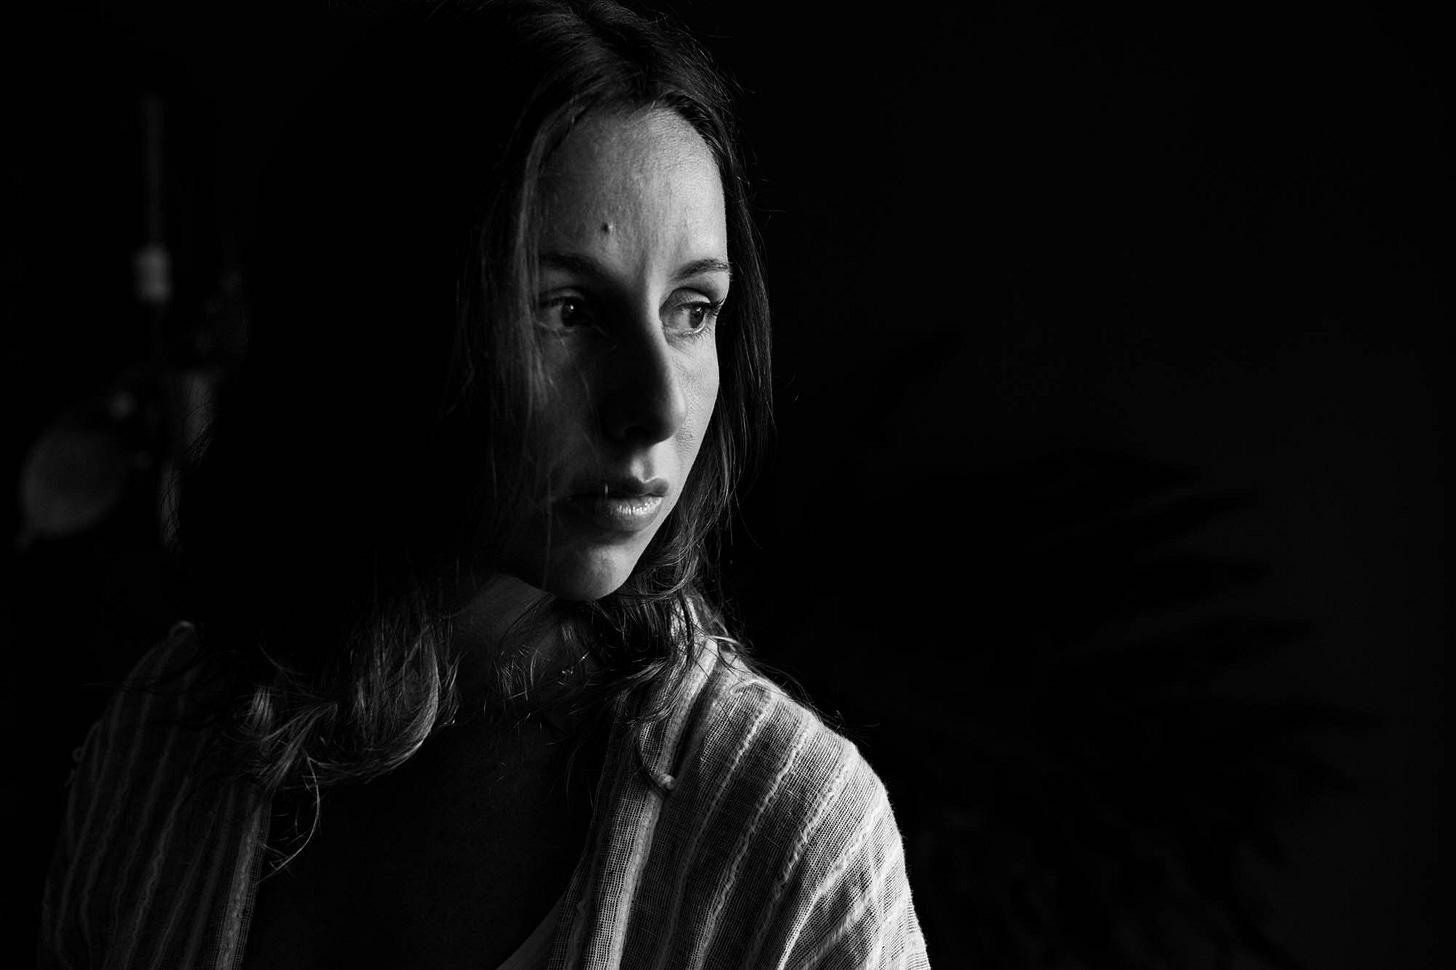 Retrato de Izadora Ribeiro em preto e branco